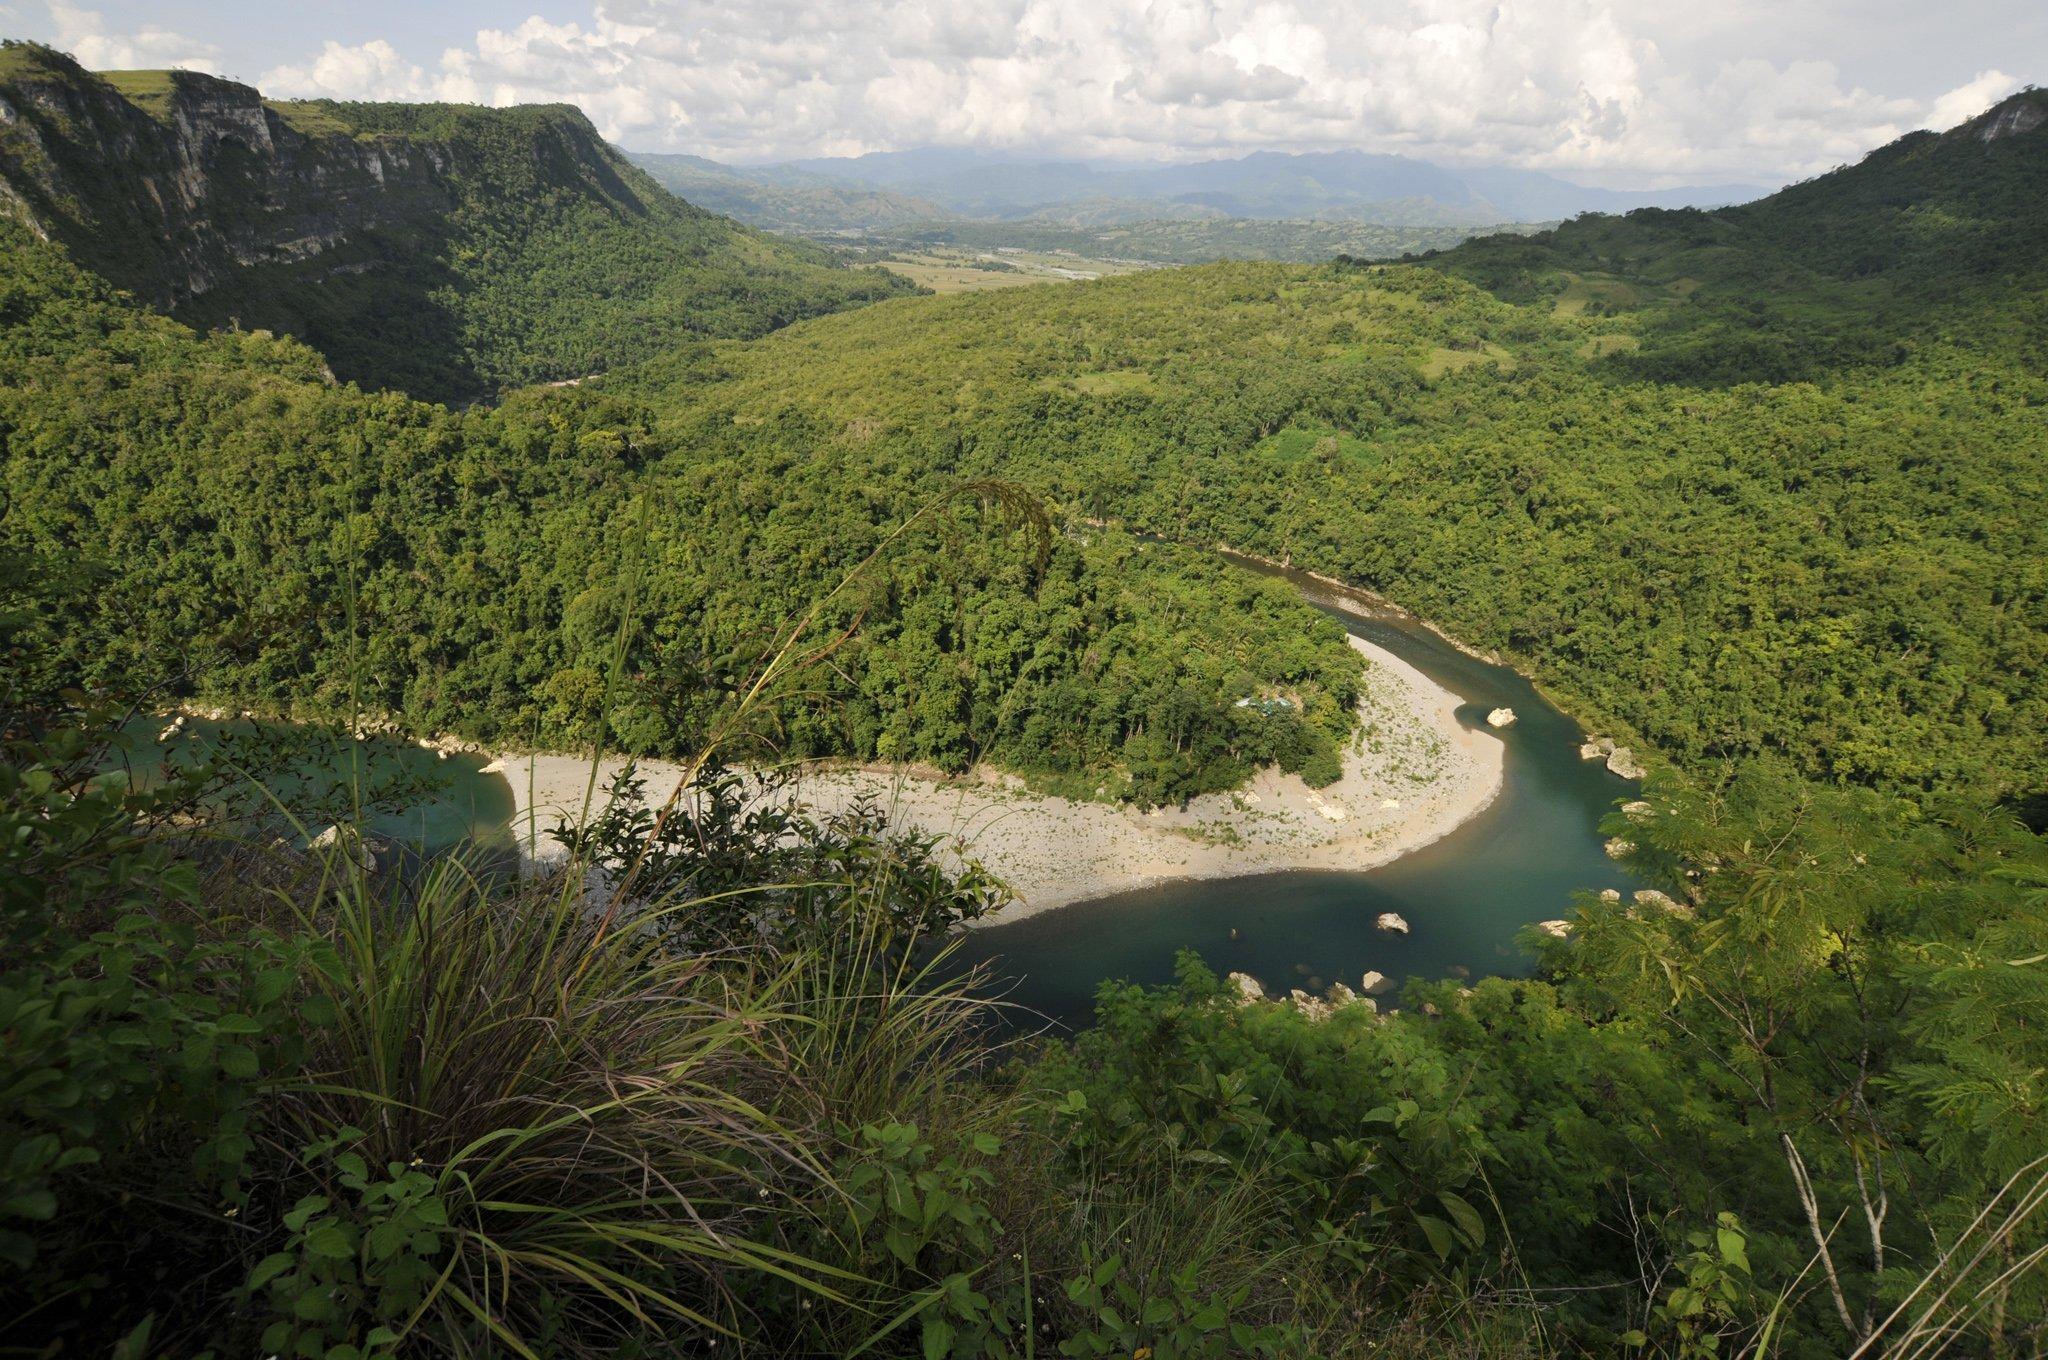 Wunderschön, mit Wald bedeckt und von einem Fluss durchzogen zeigt sich die Landschaft in der Nähe der Callao-Höhle auf der philippinischen Insel Luzon. Hier lebte vor vielen Jahrzehntausenden Homo luzonensis – eine kleinwüchsige, noch rätselhafte Menschenart.